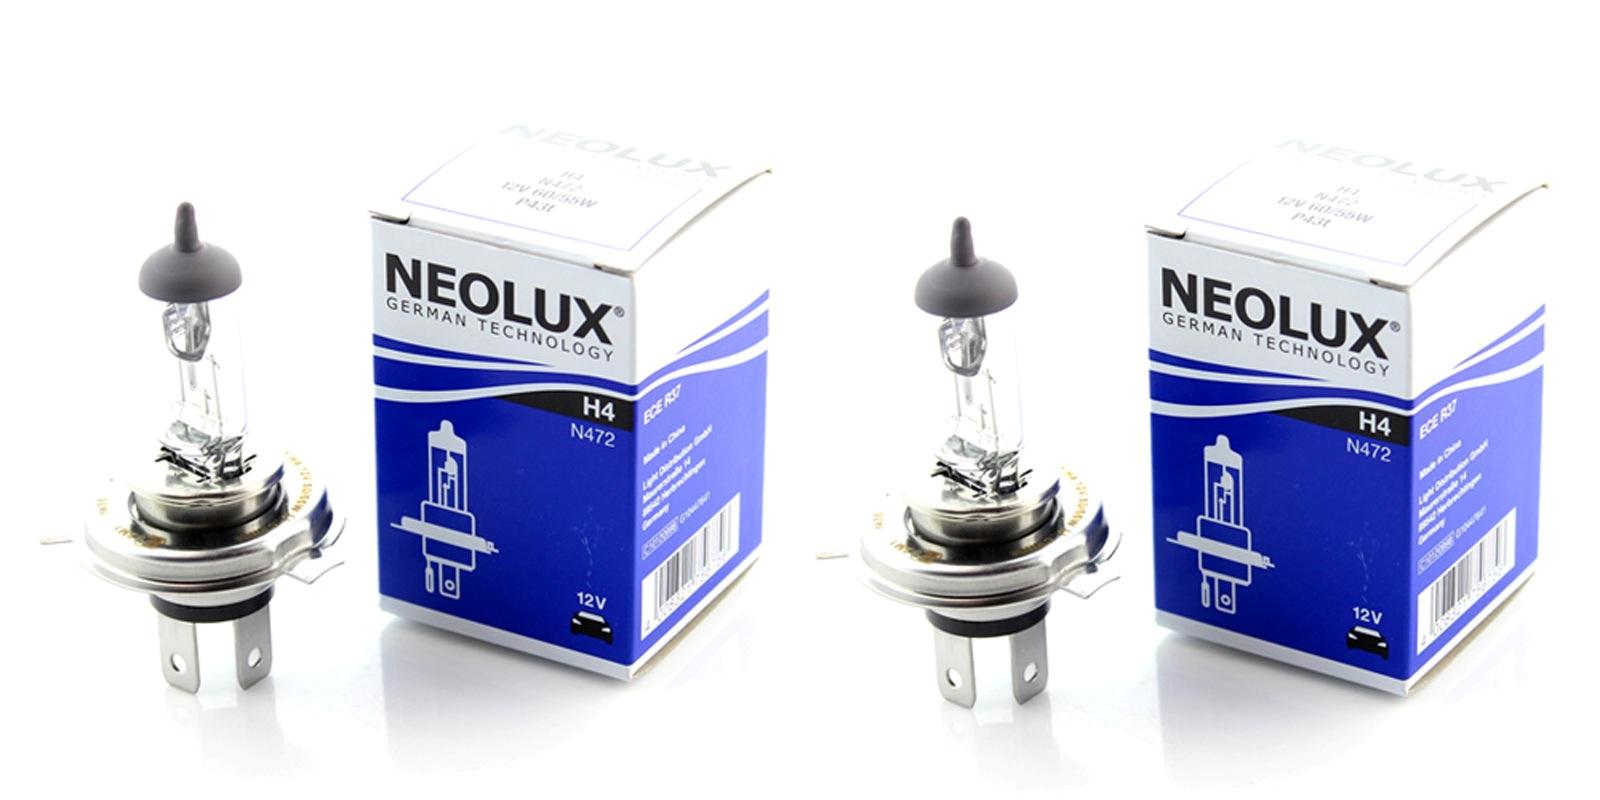 neolux standart